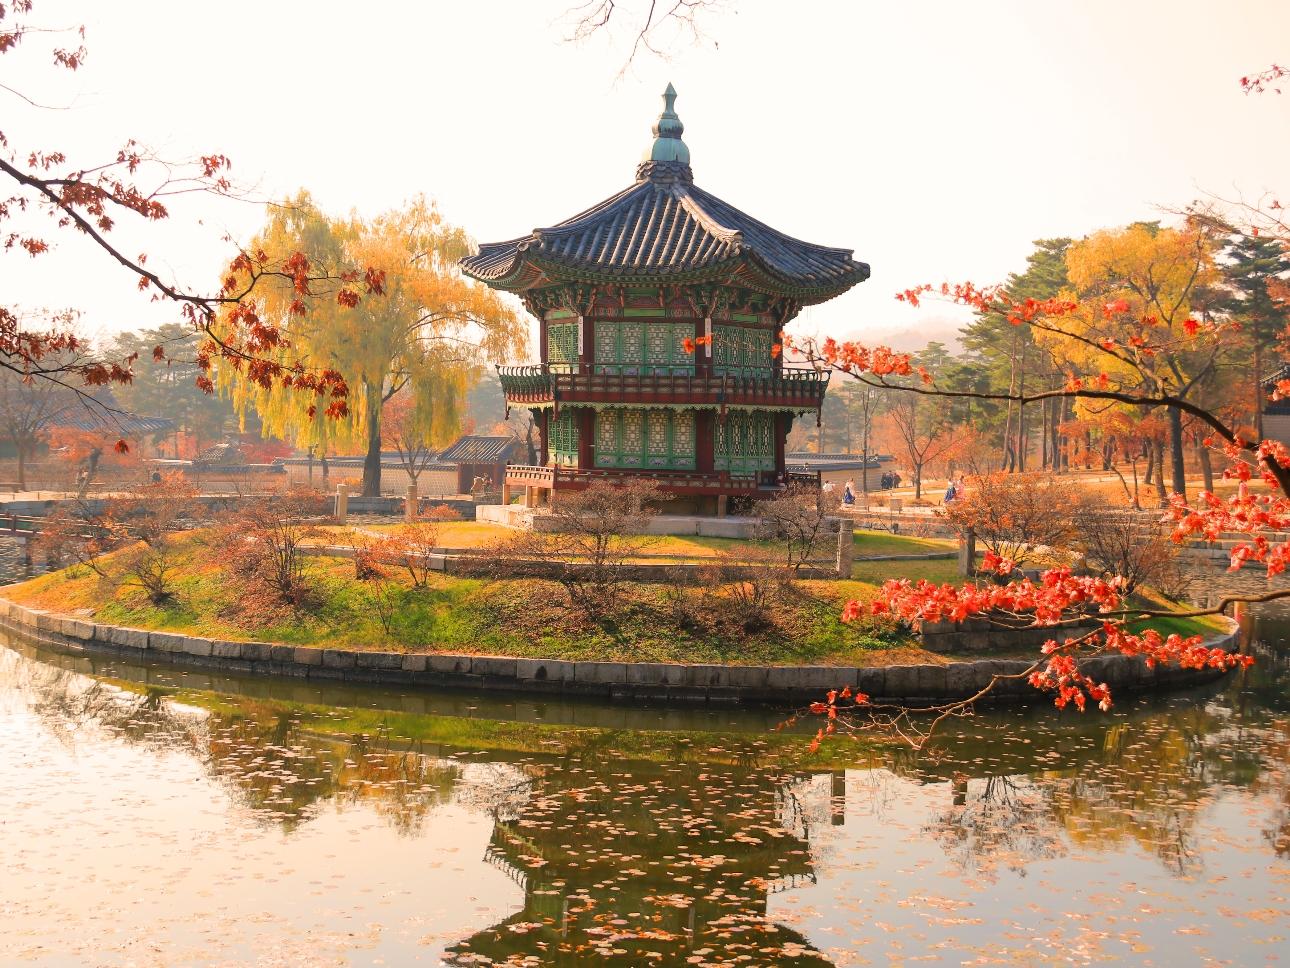 Gyeongbukgung Palace Autumn